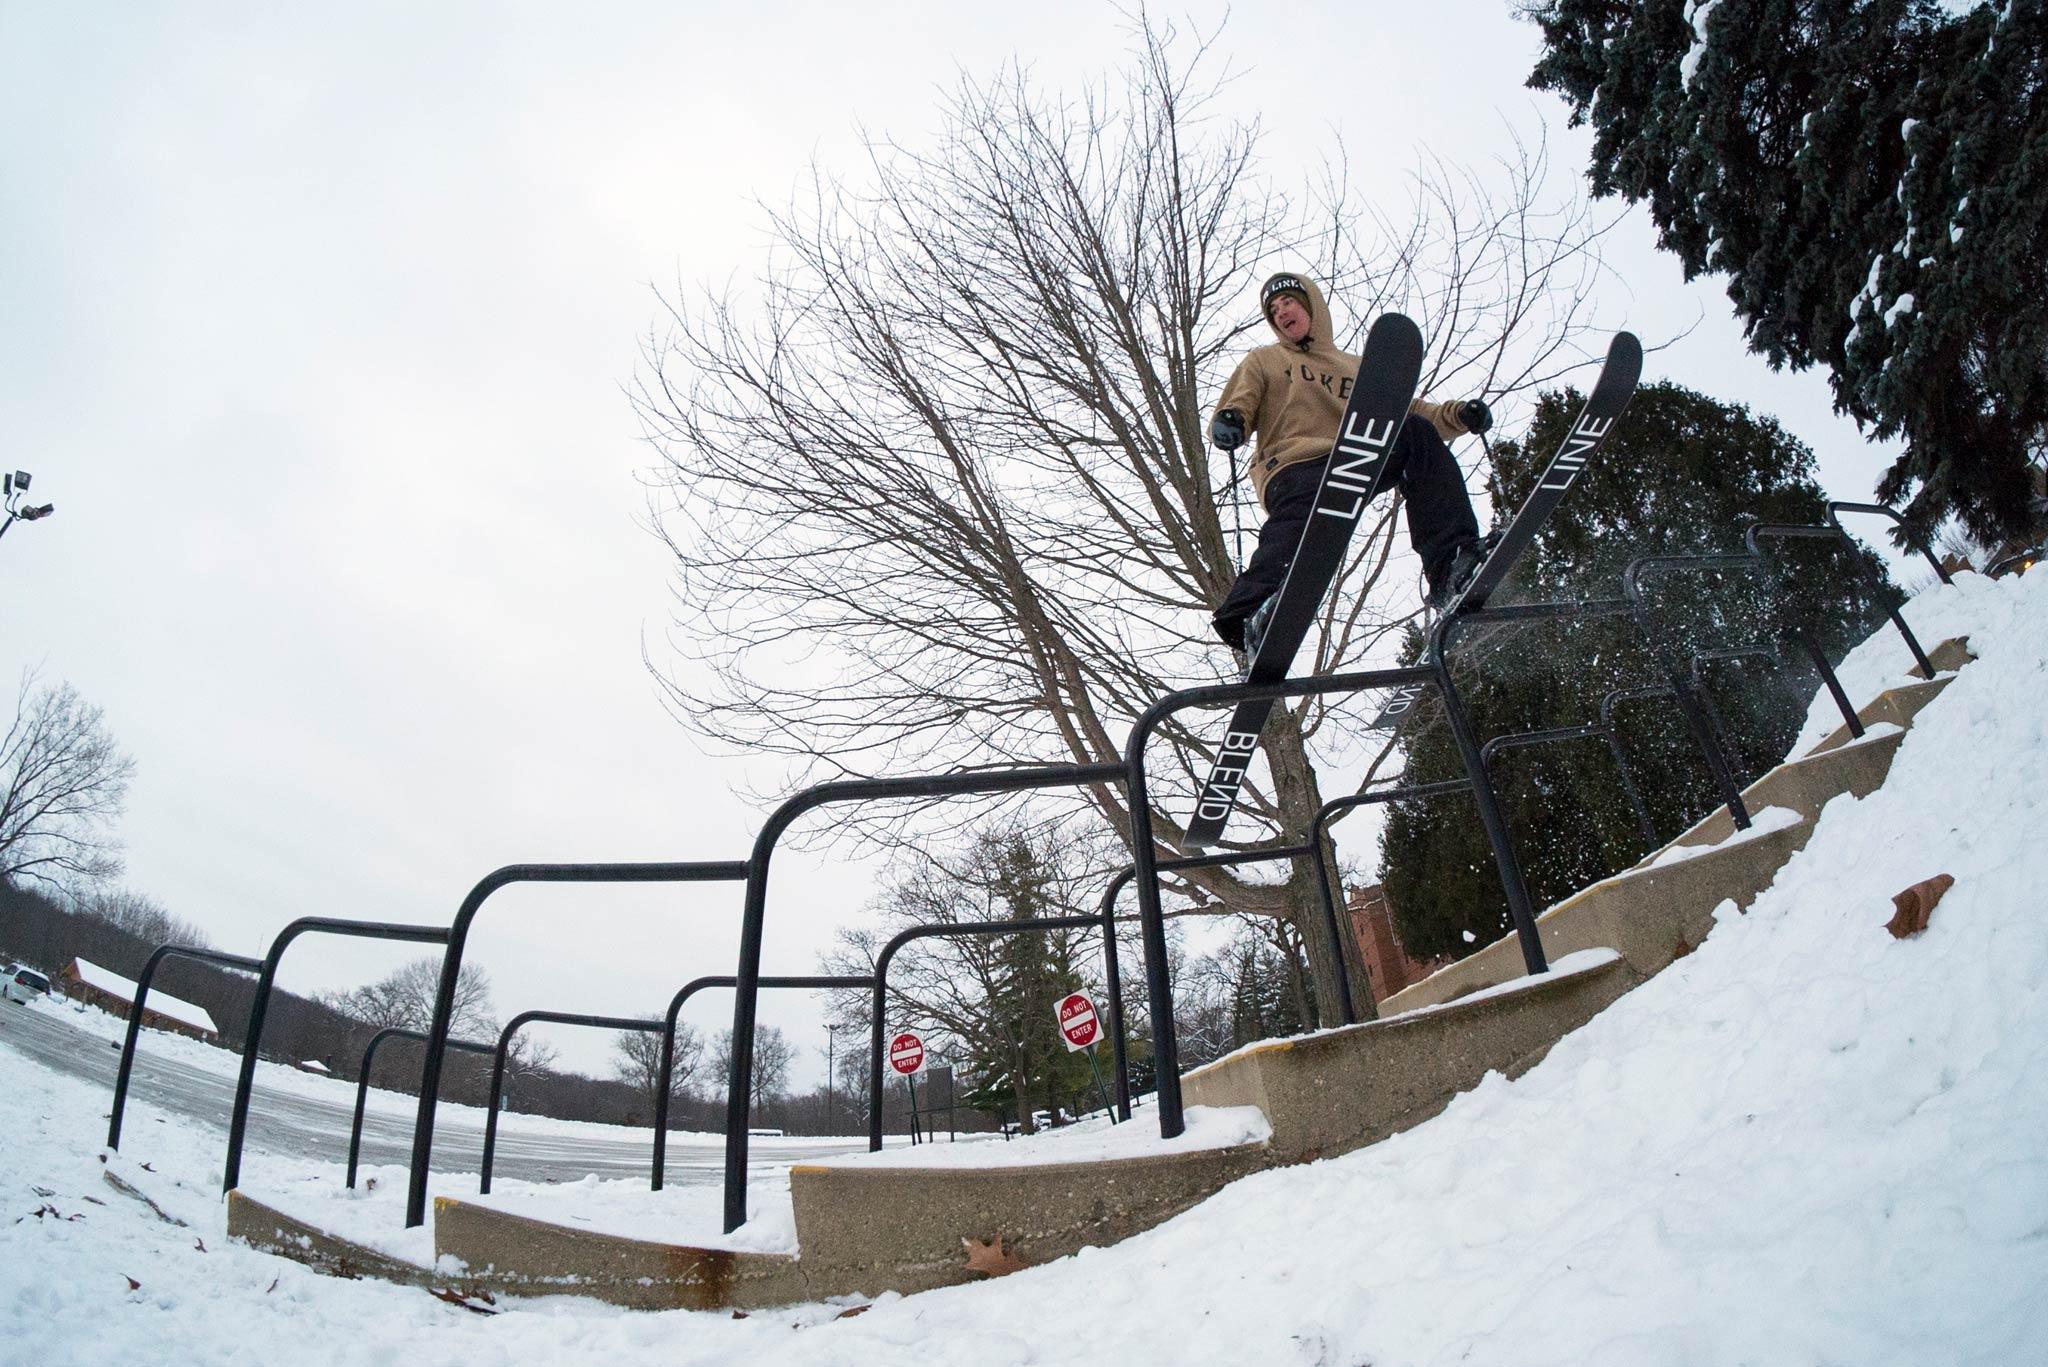 """In """"Habit"""" verbaut Level 1 die Shots von insgesamt 3 X Games Real Ski Edits - Rider: Will Wesson - Foto: Jonny Durst"""